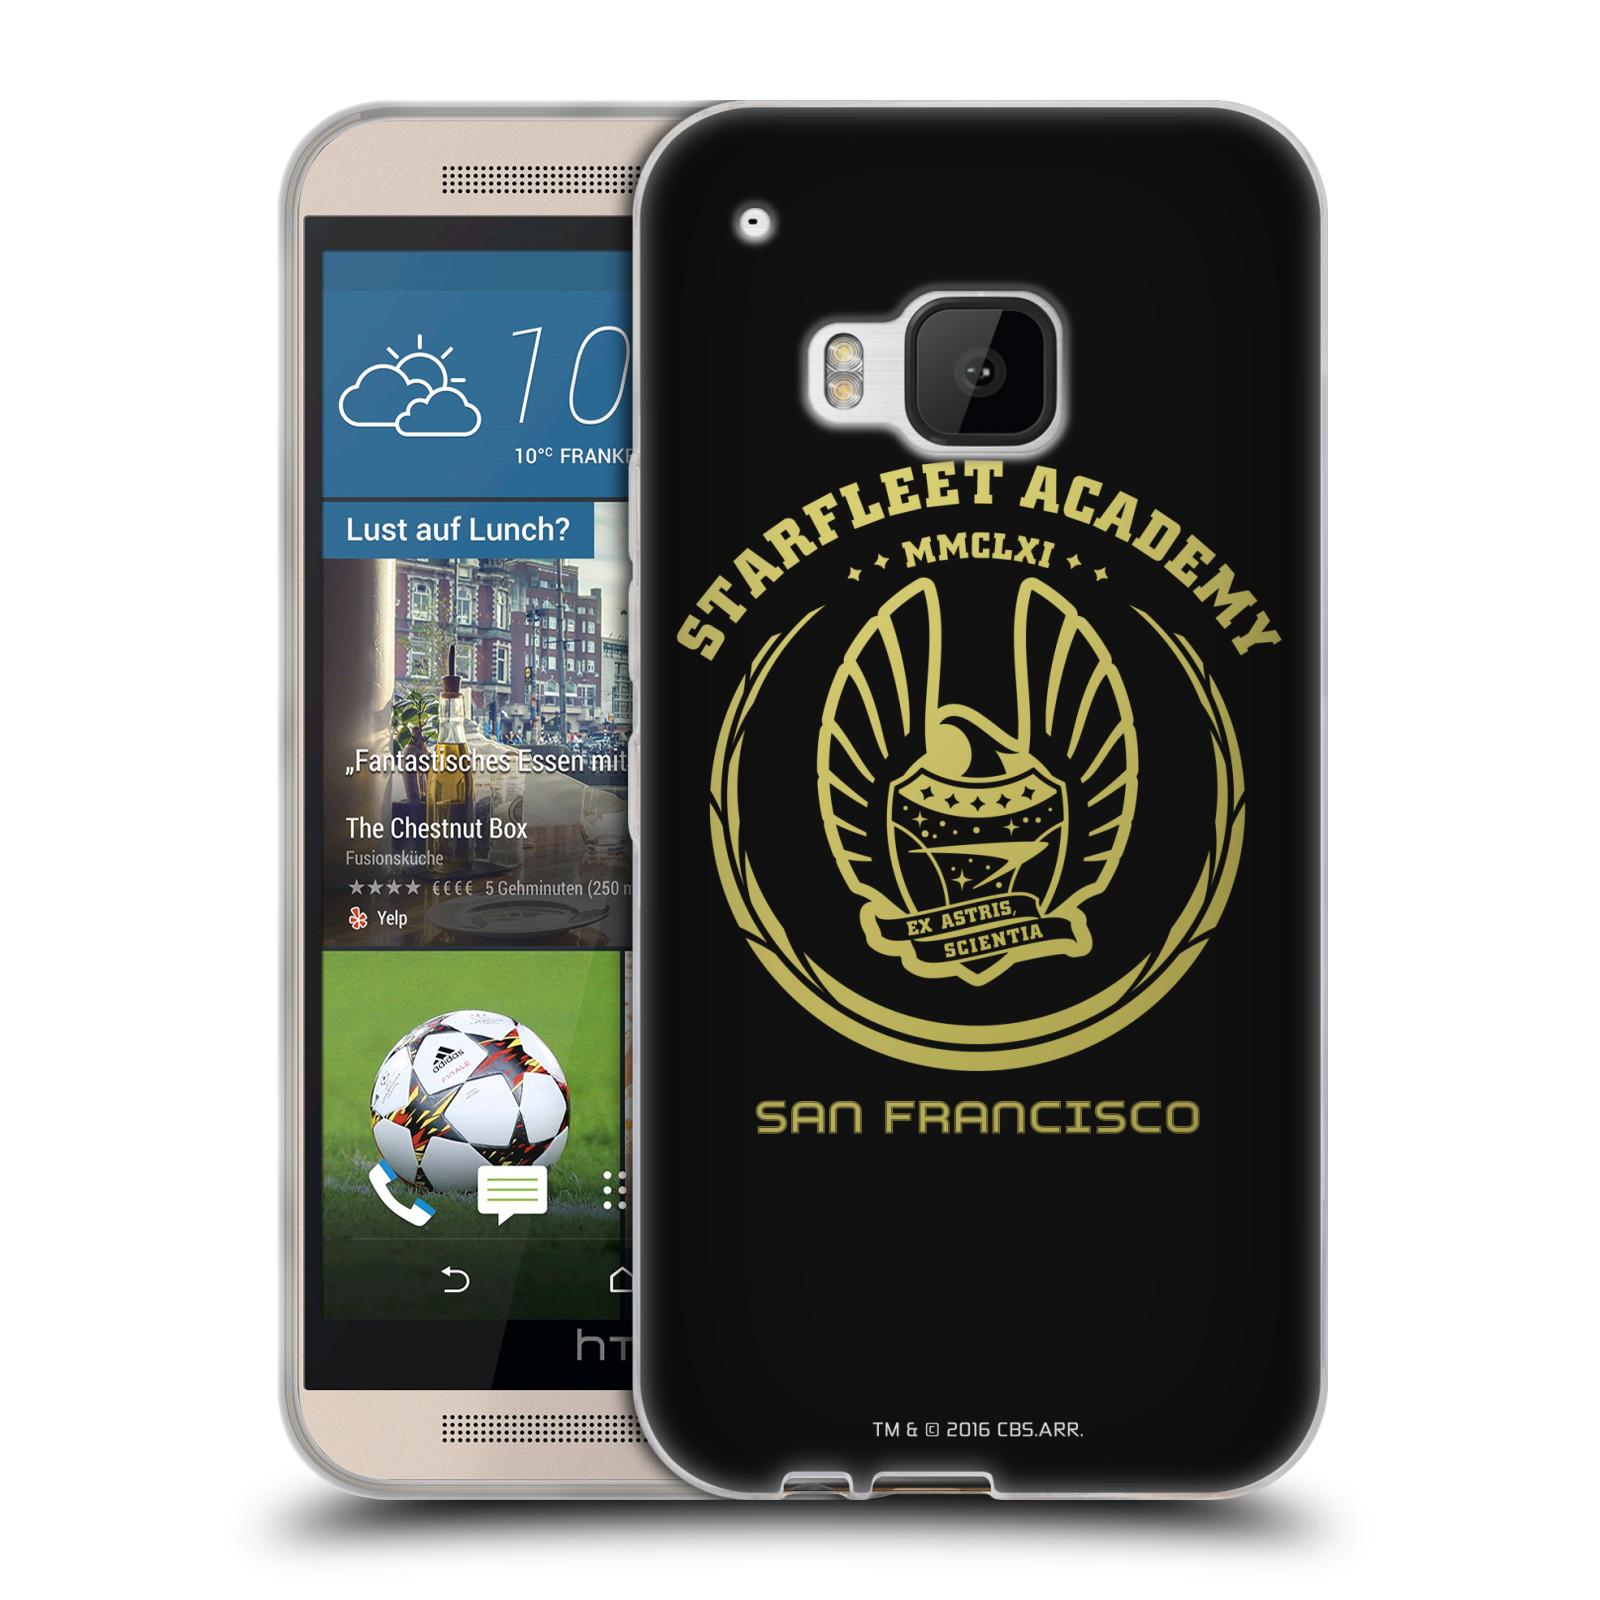 HTC htc one phone cases ebay : ... Phones u0026 Accessories u0026gt; Cell Phone Accessories u0026gt; Cases, Covers u0026 Skins